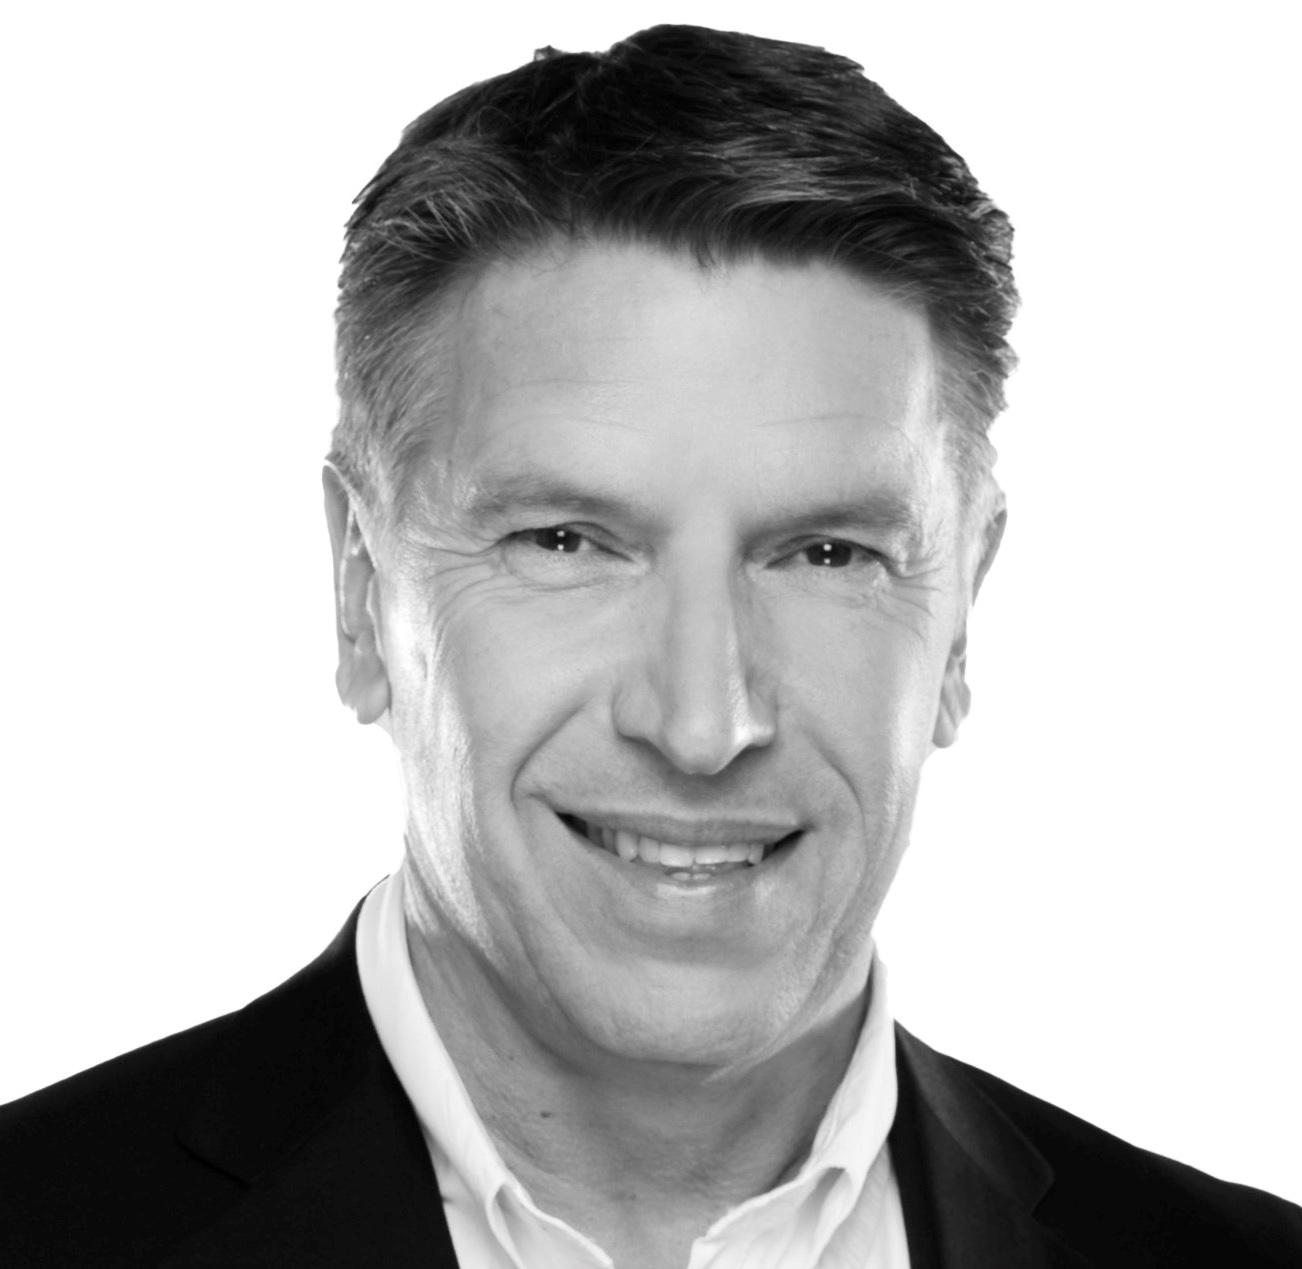 Stefan Gorwik